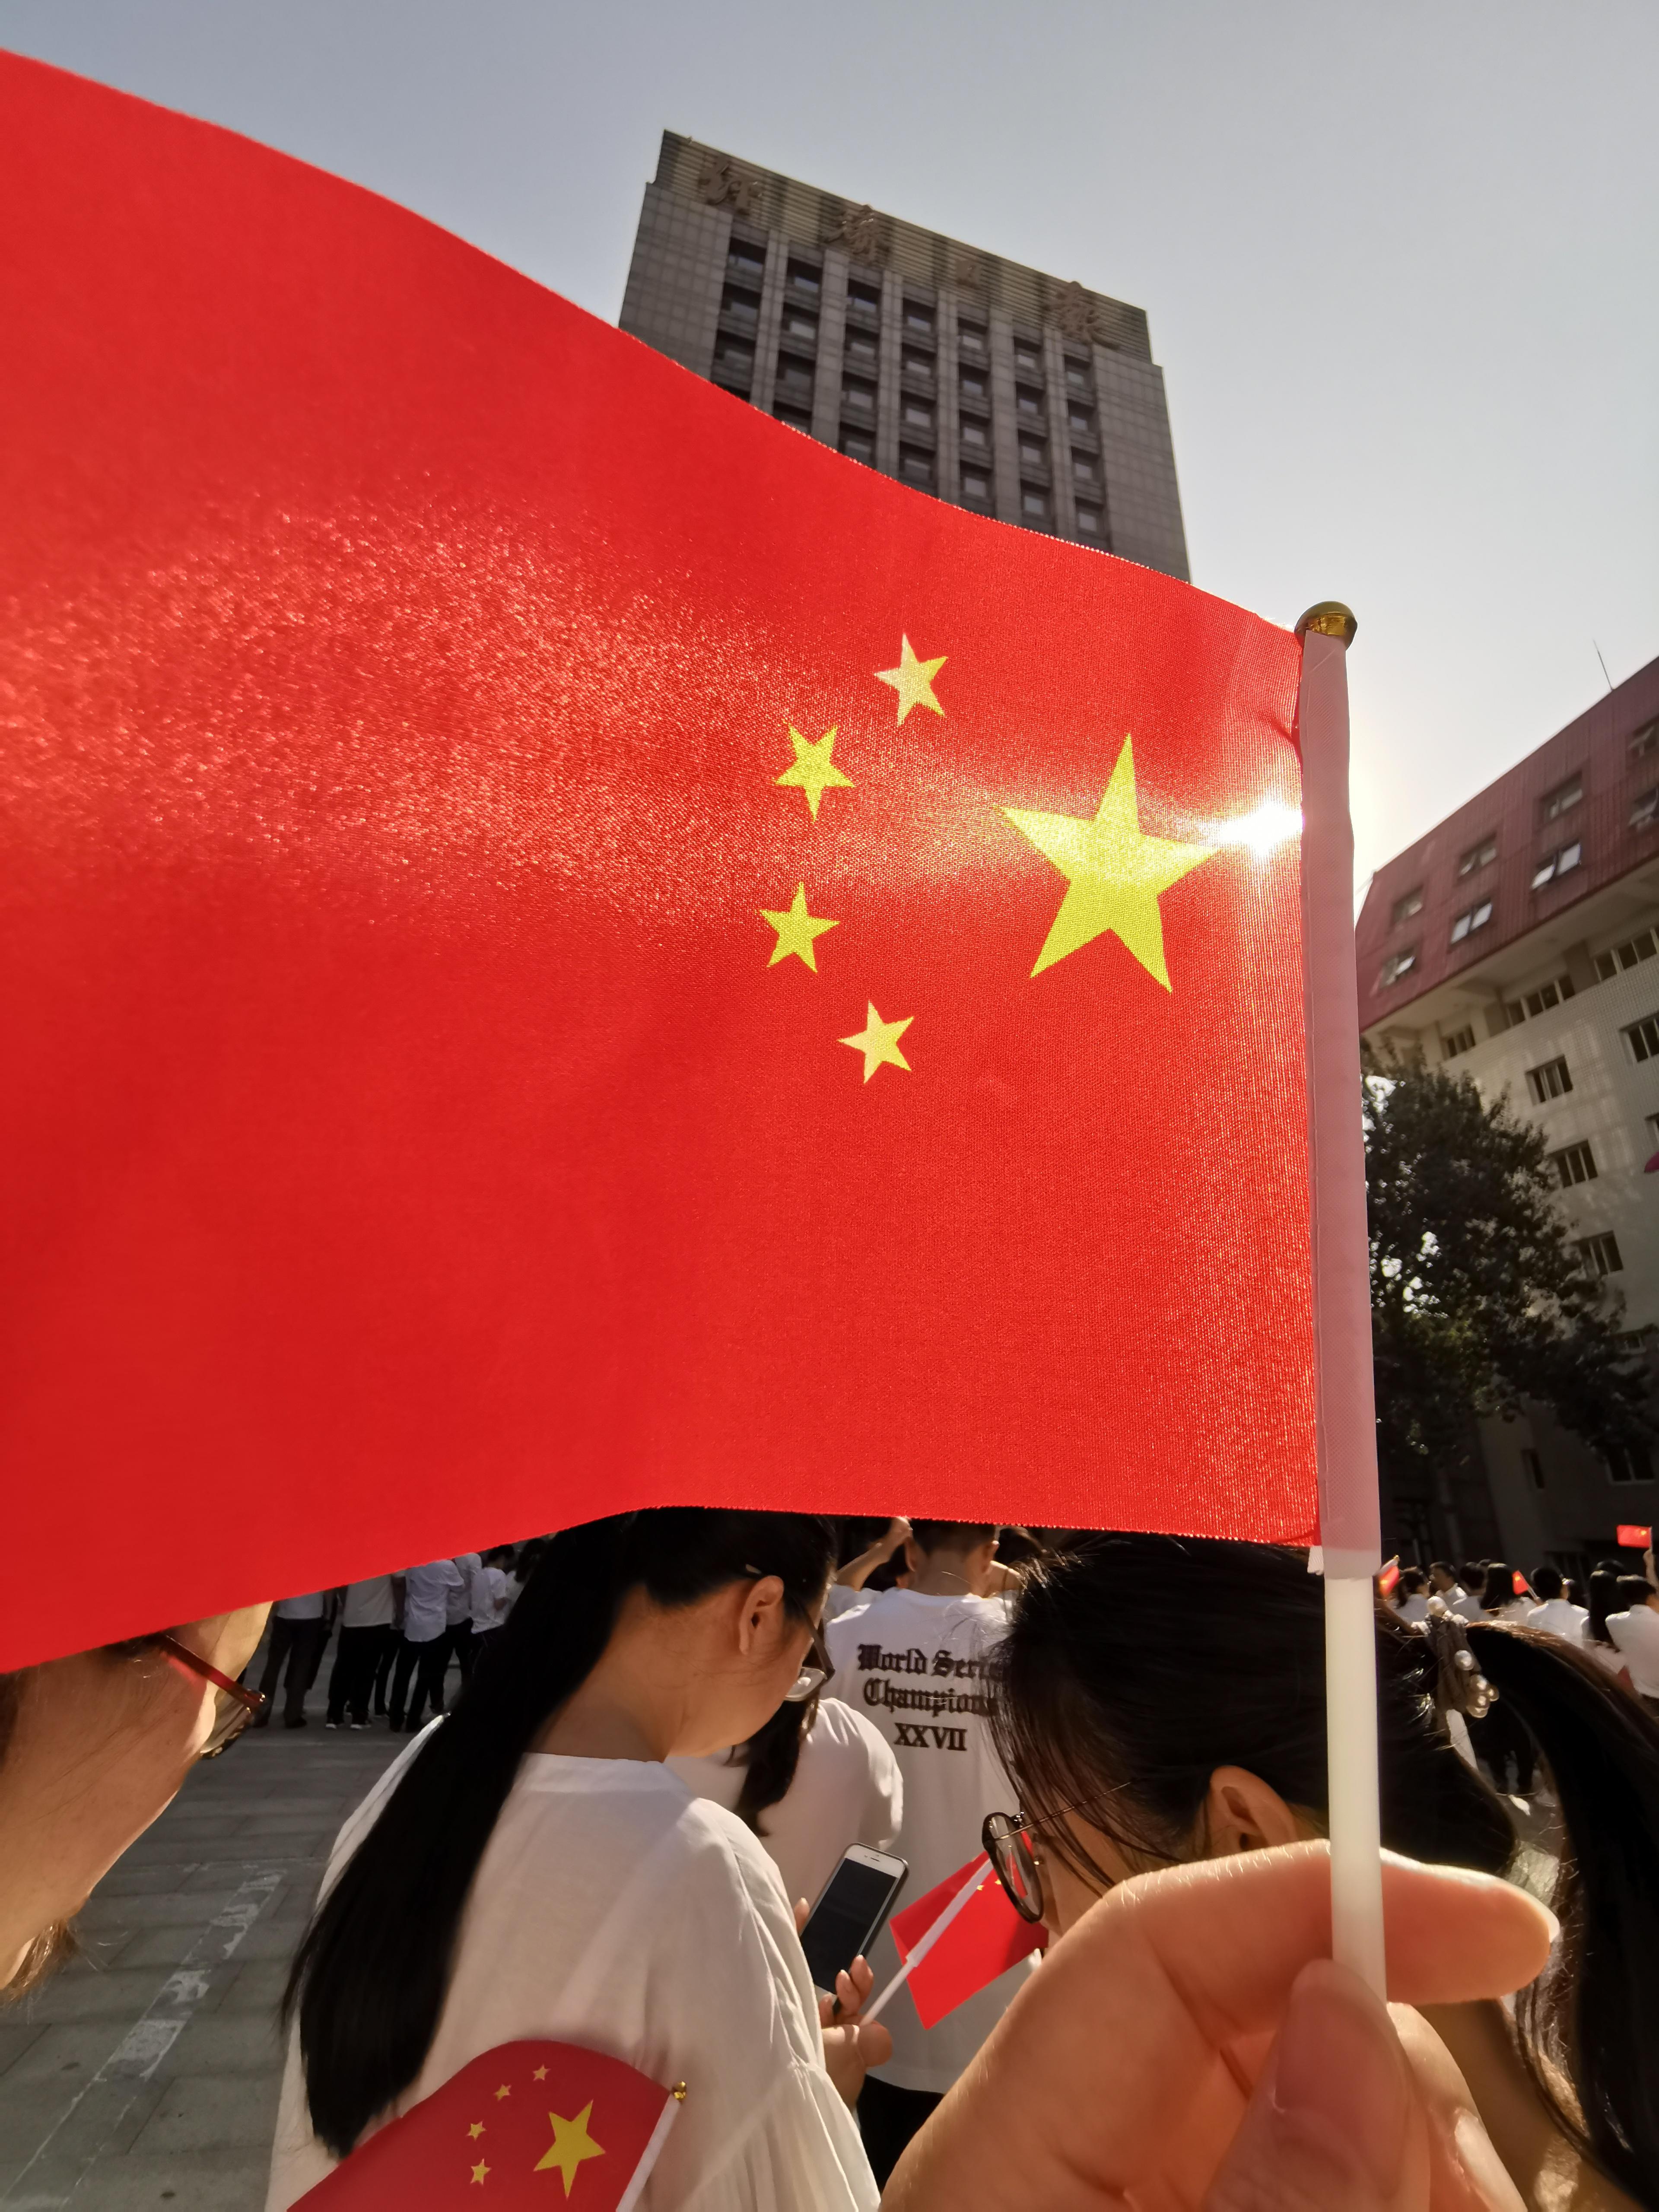 跨国公司看好中国发展机遇 对中国经济信心倍增